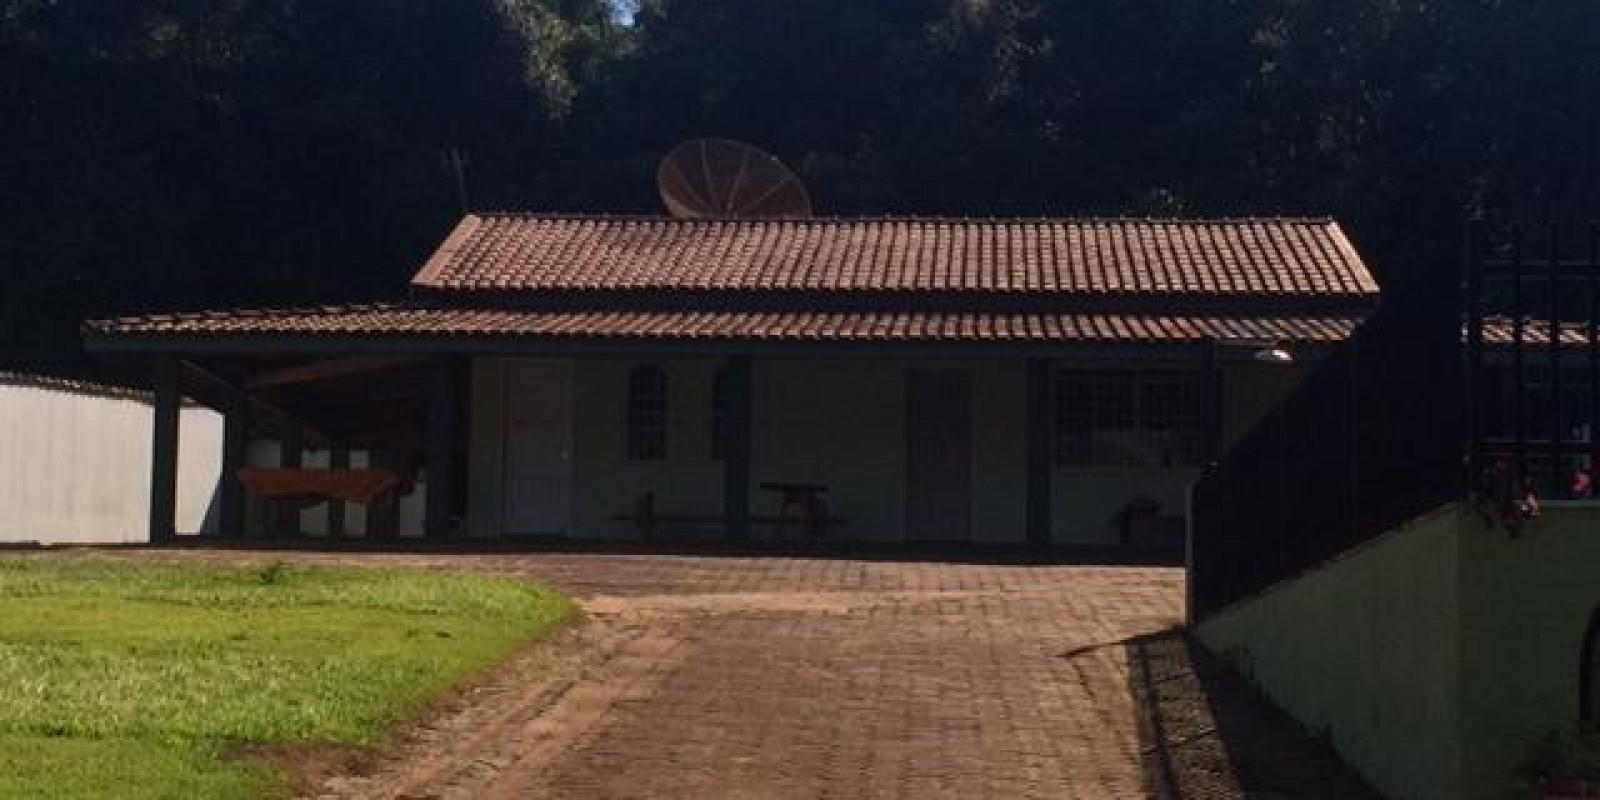 Casa para Temporada na Represa em Avaré SP - Foto 15 de 20